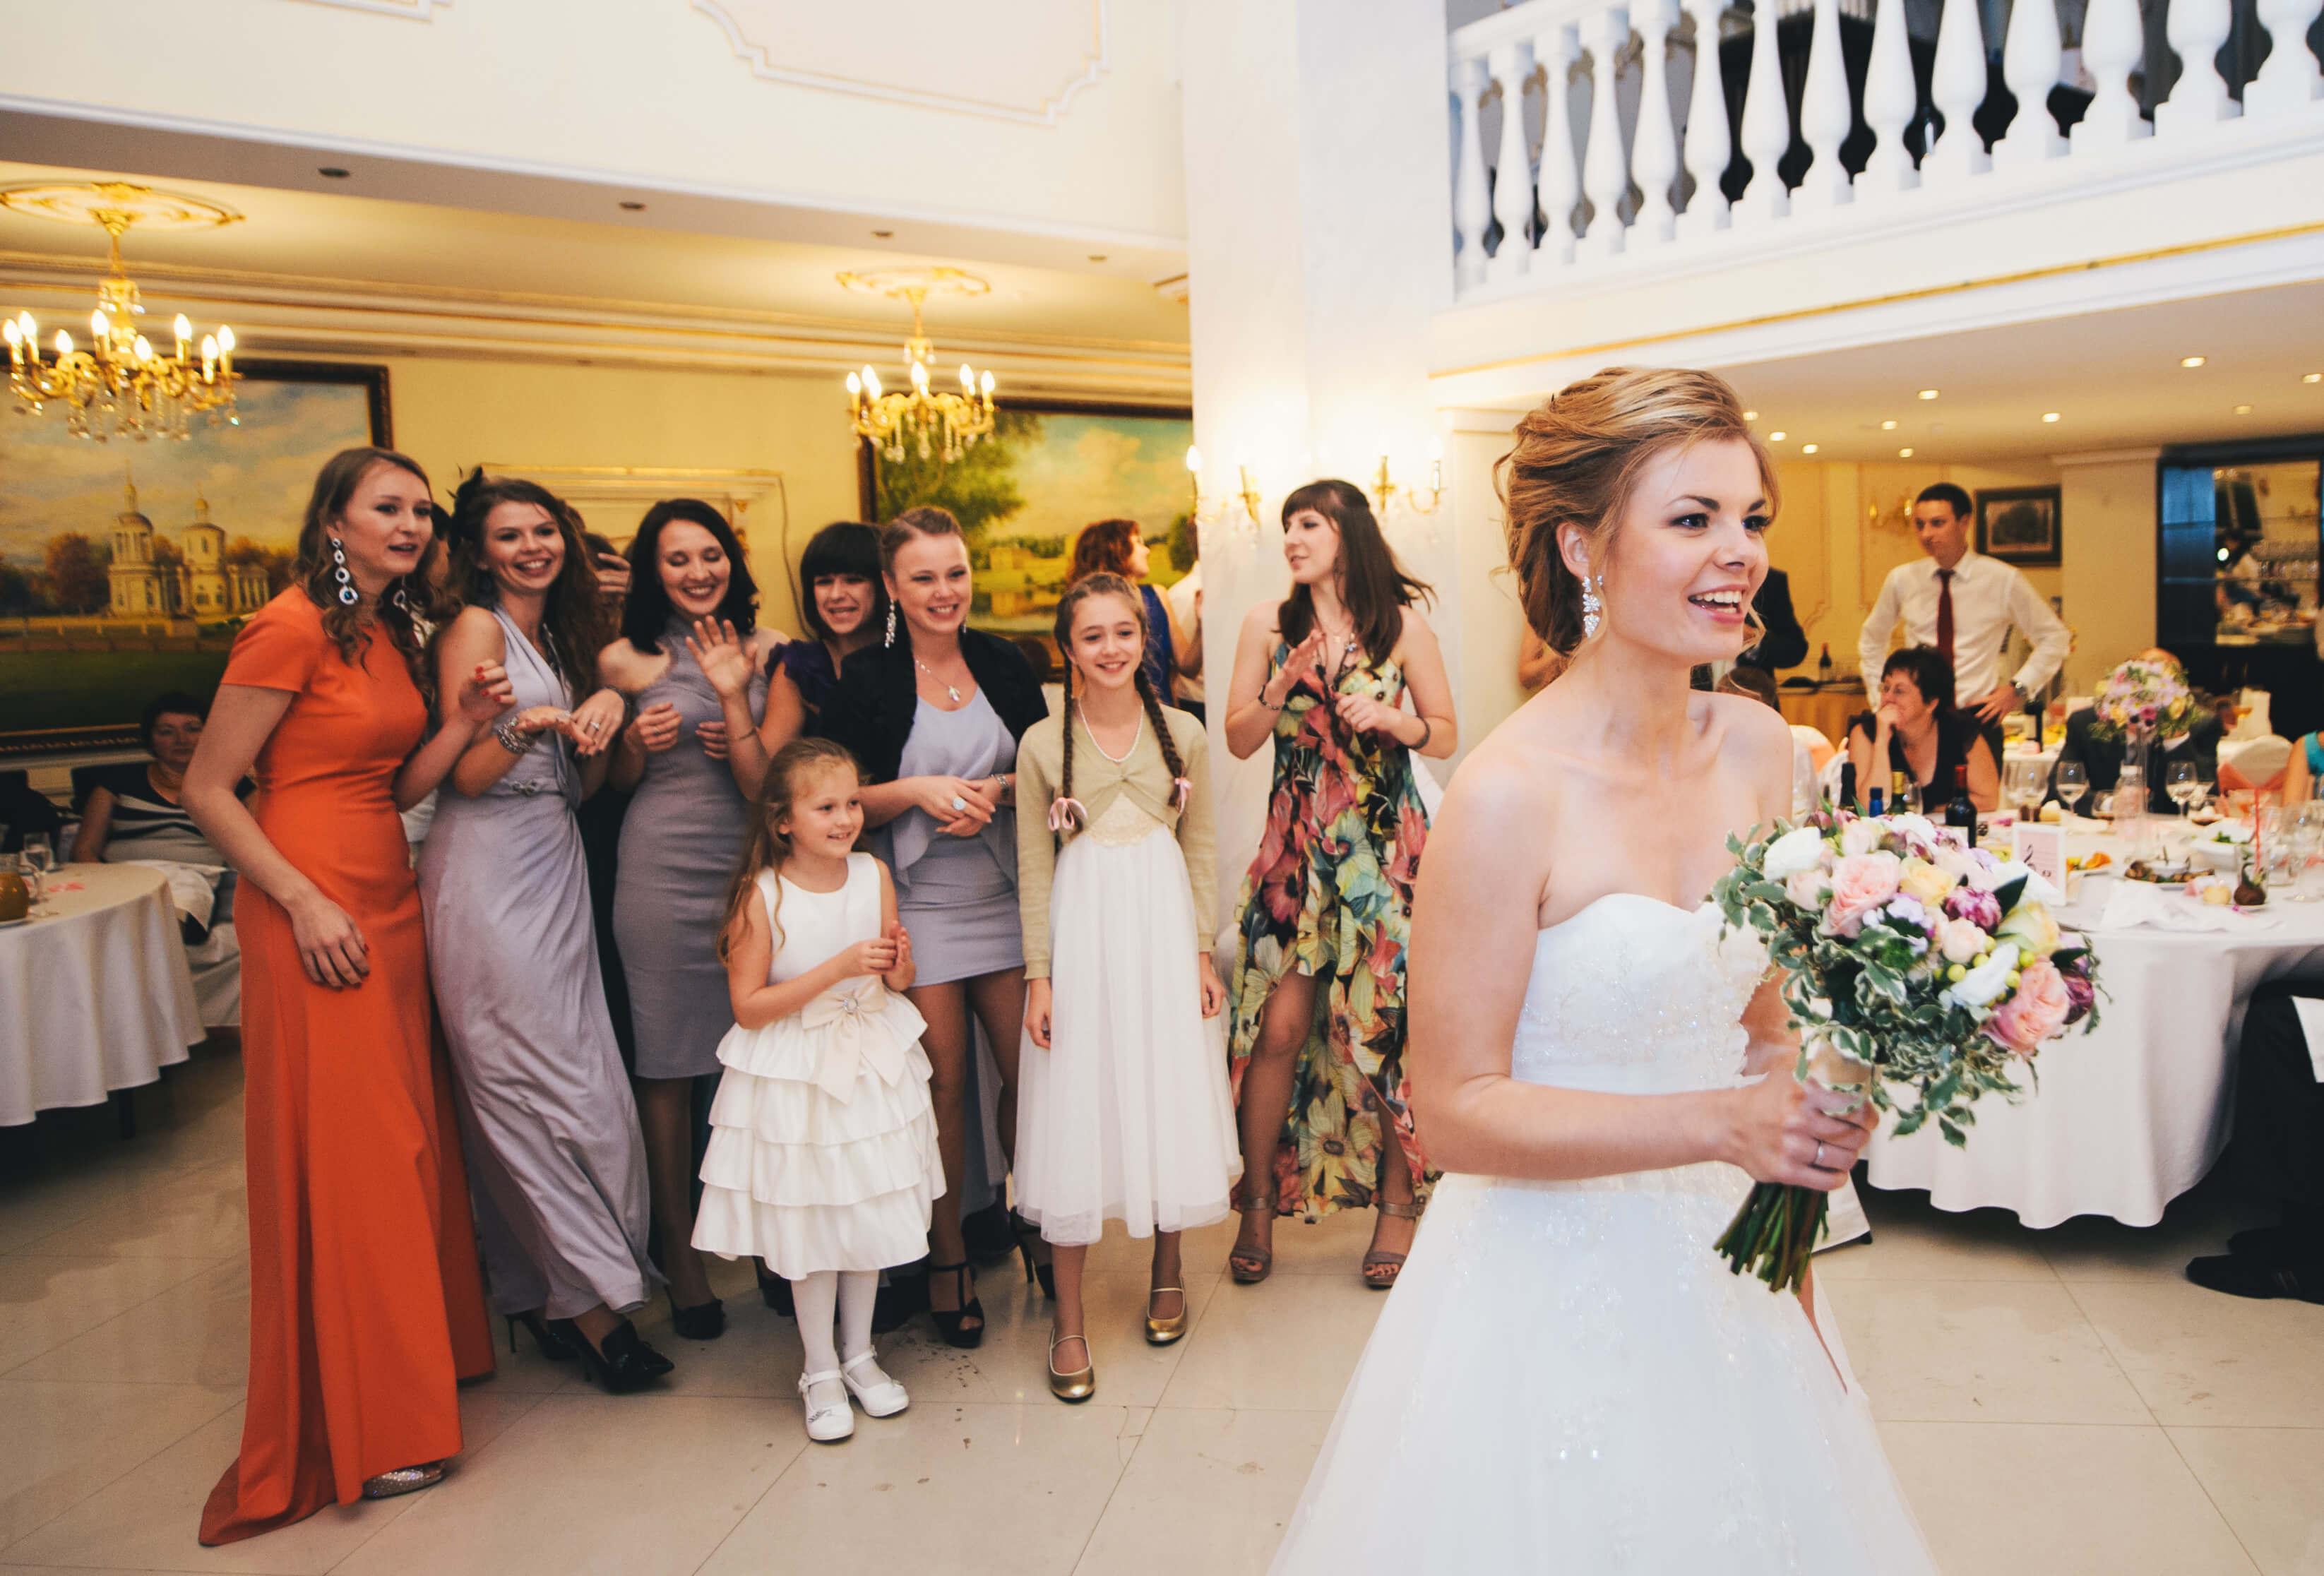 невеста бросает букет фото рос спортивным ребенком